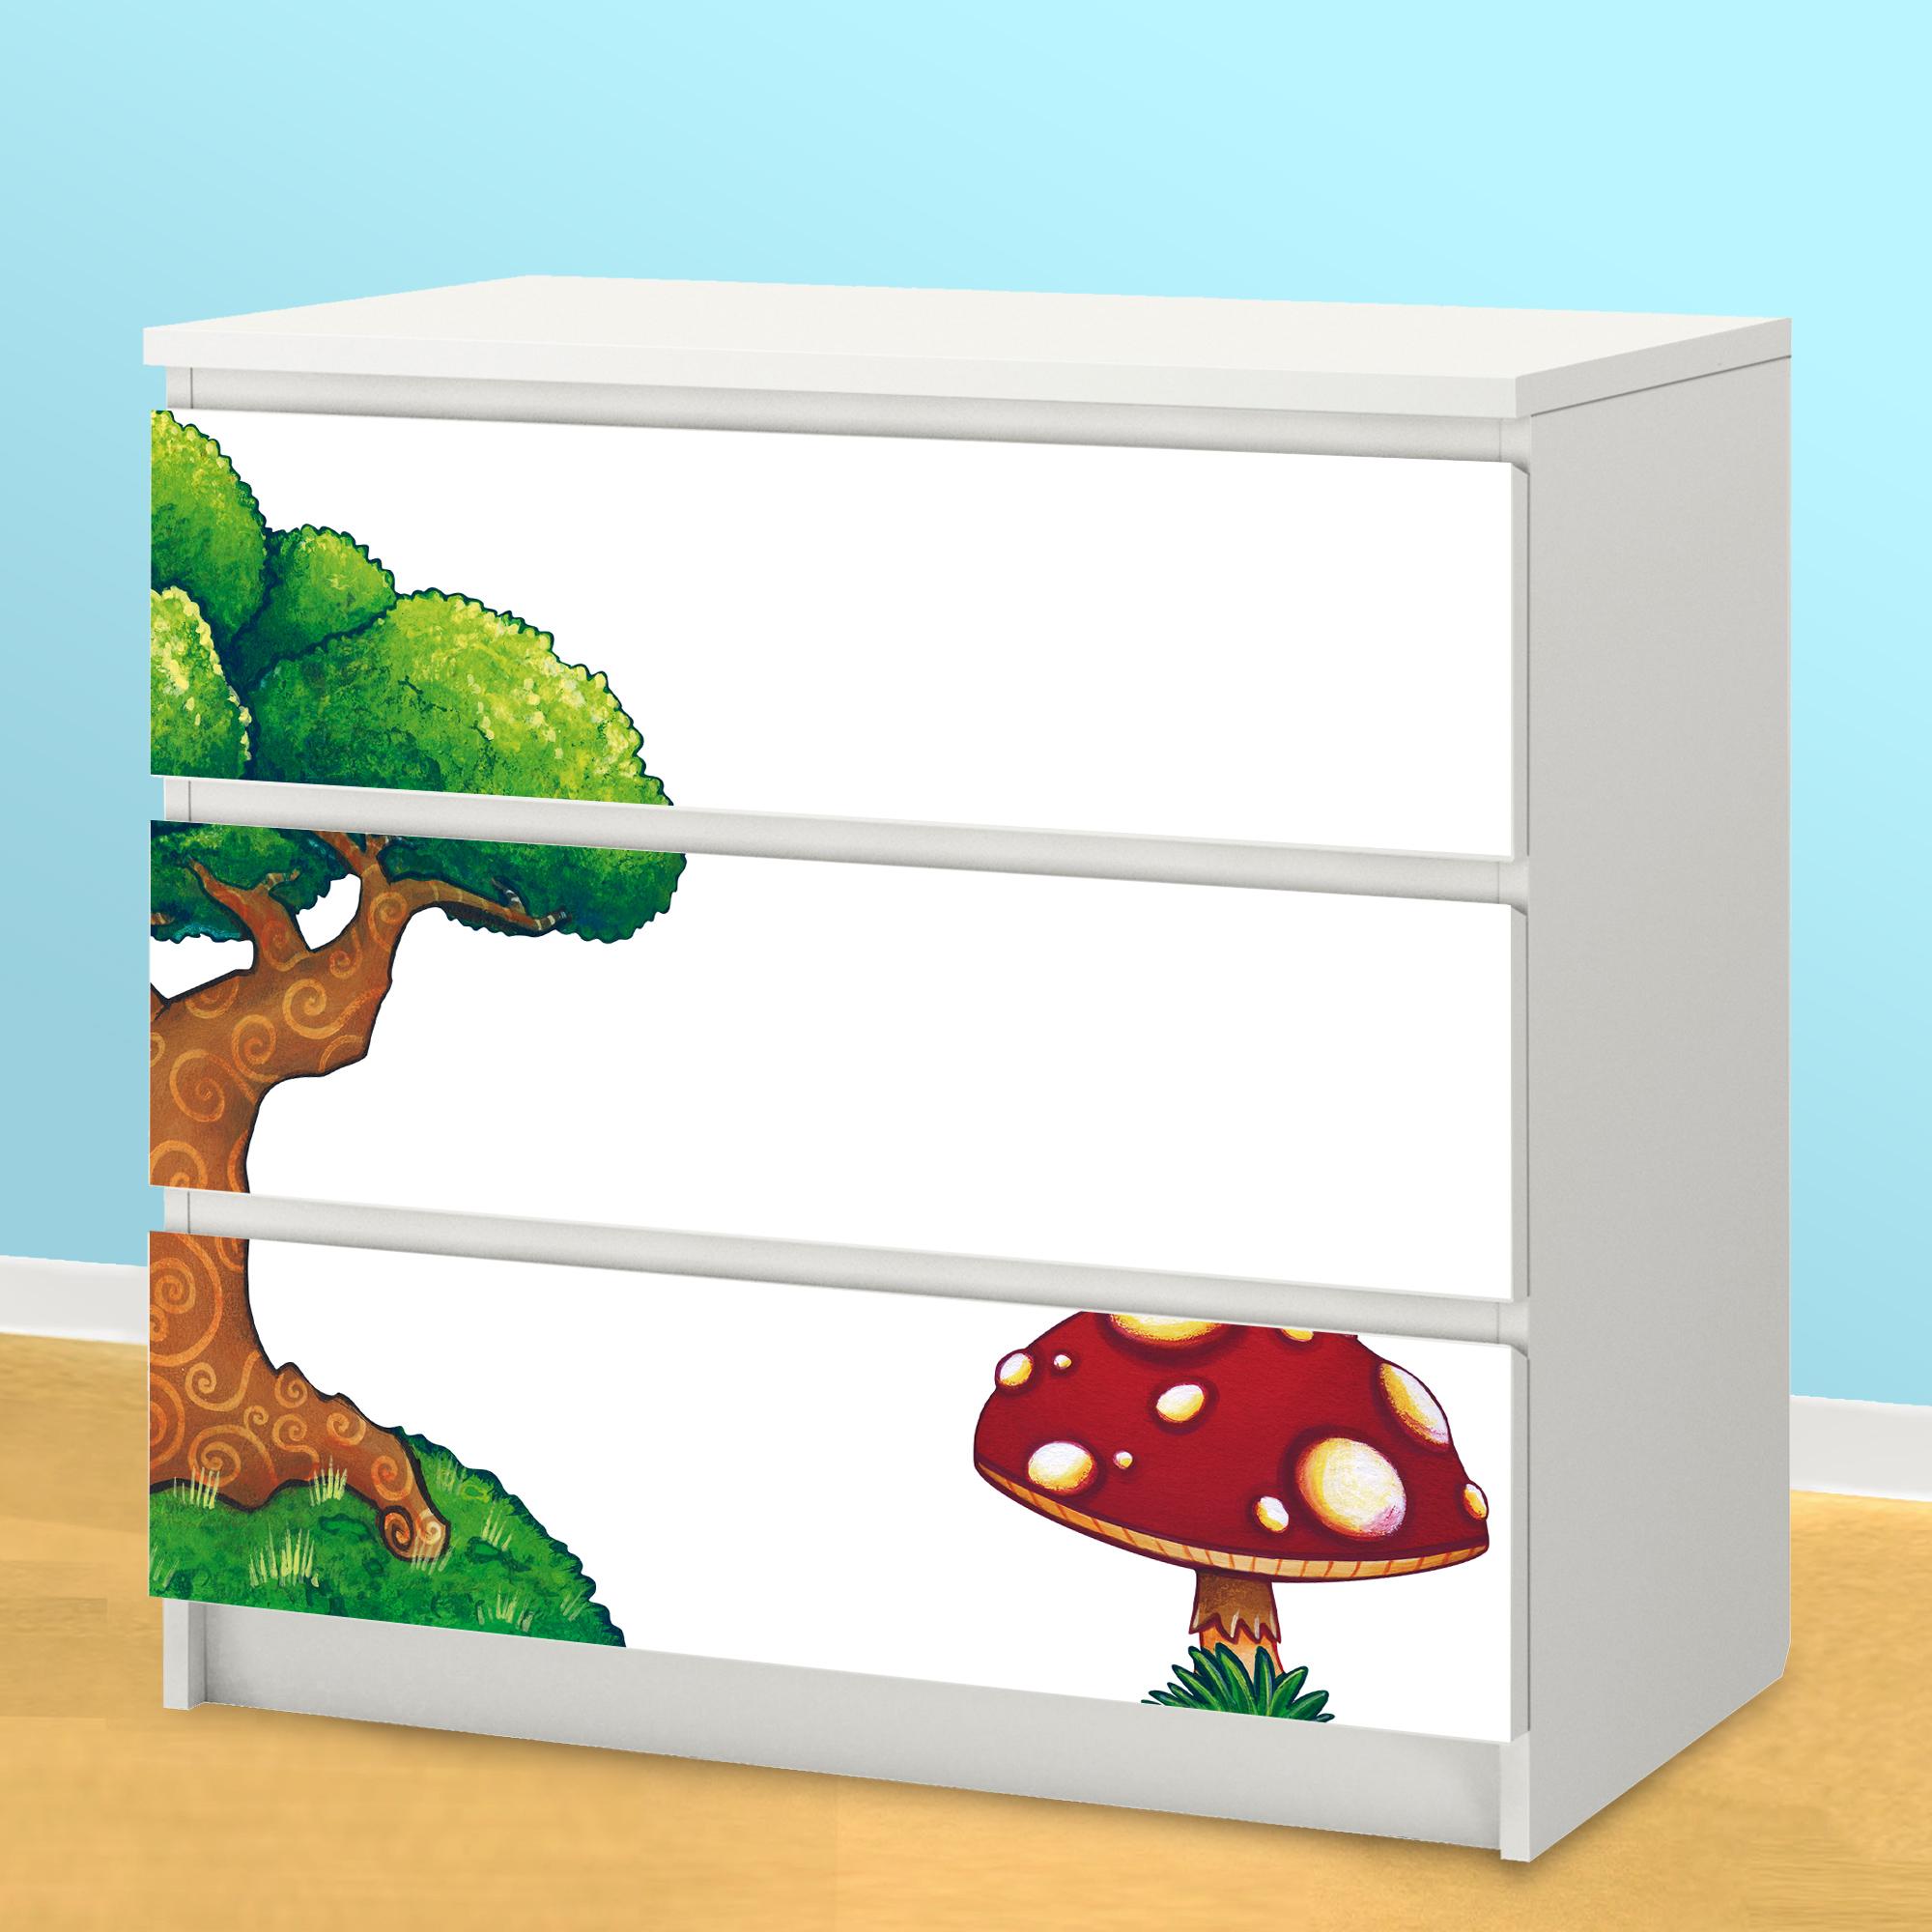 adesivi per decorare i mobili dei bambini leostickers